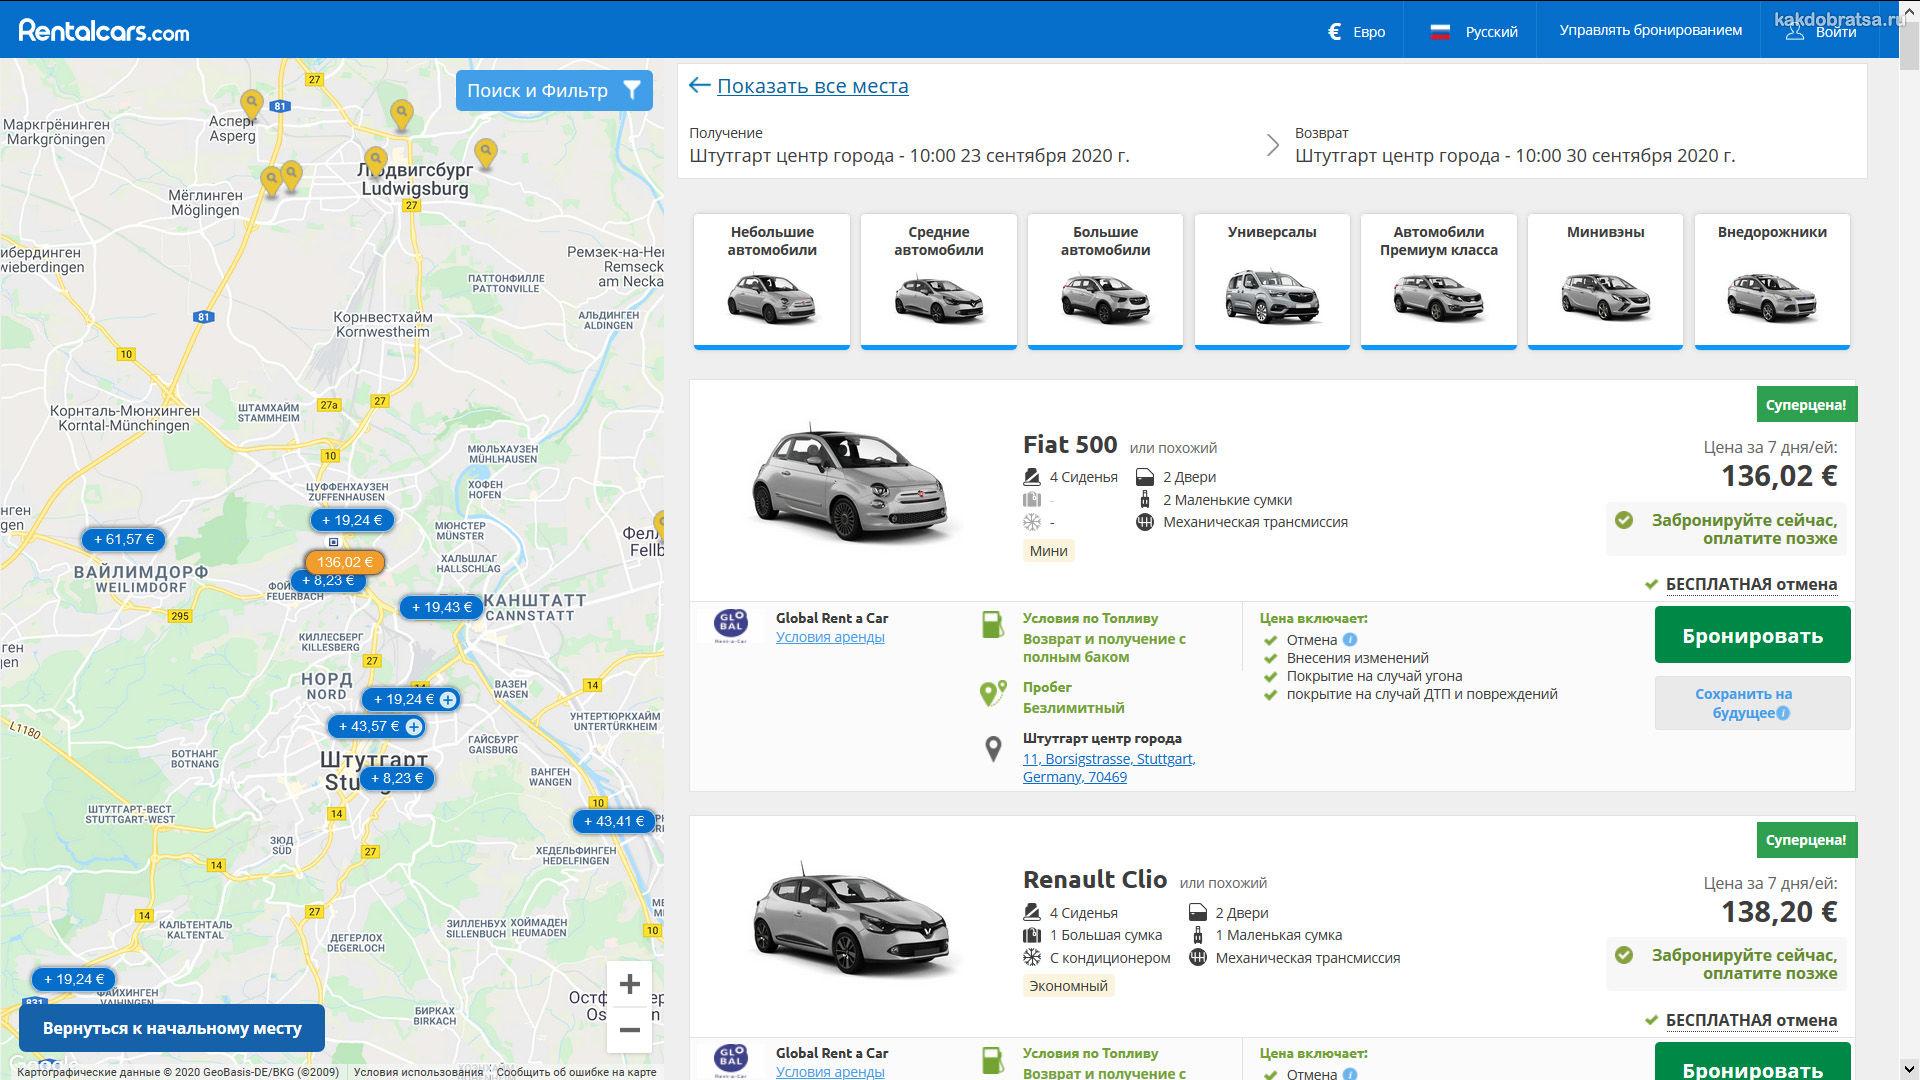 Аренда авто в Штутгарте дешево и цены